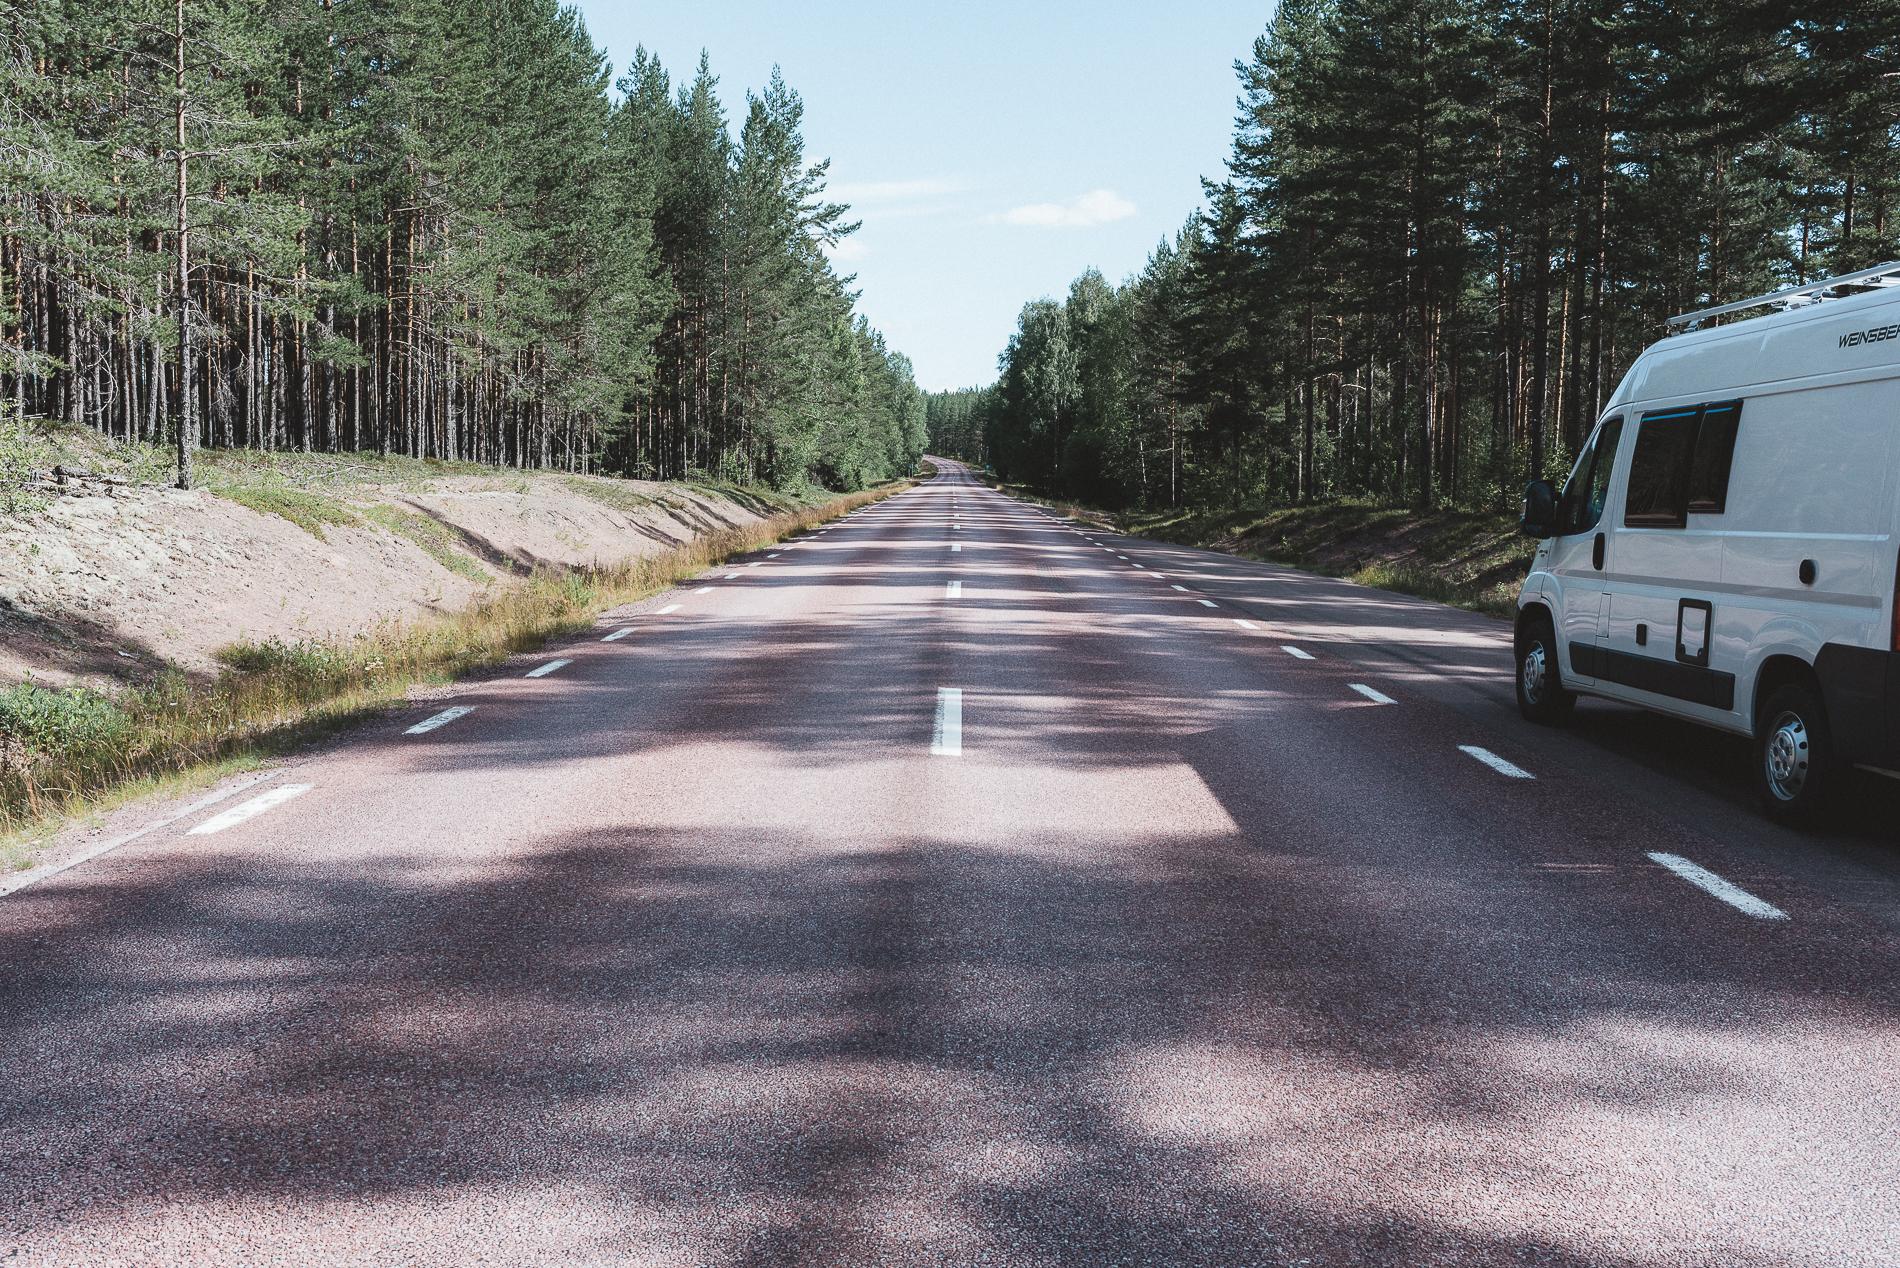 Somewhere, Sweden